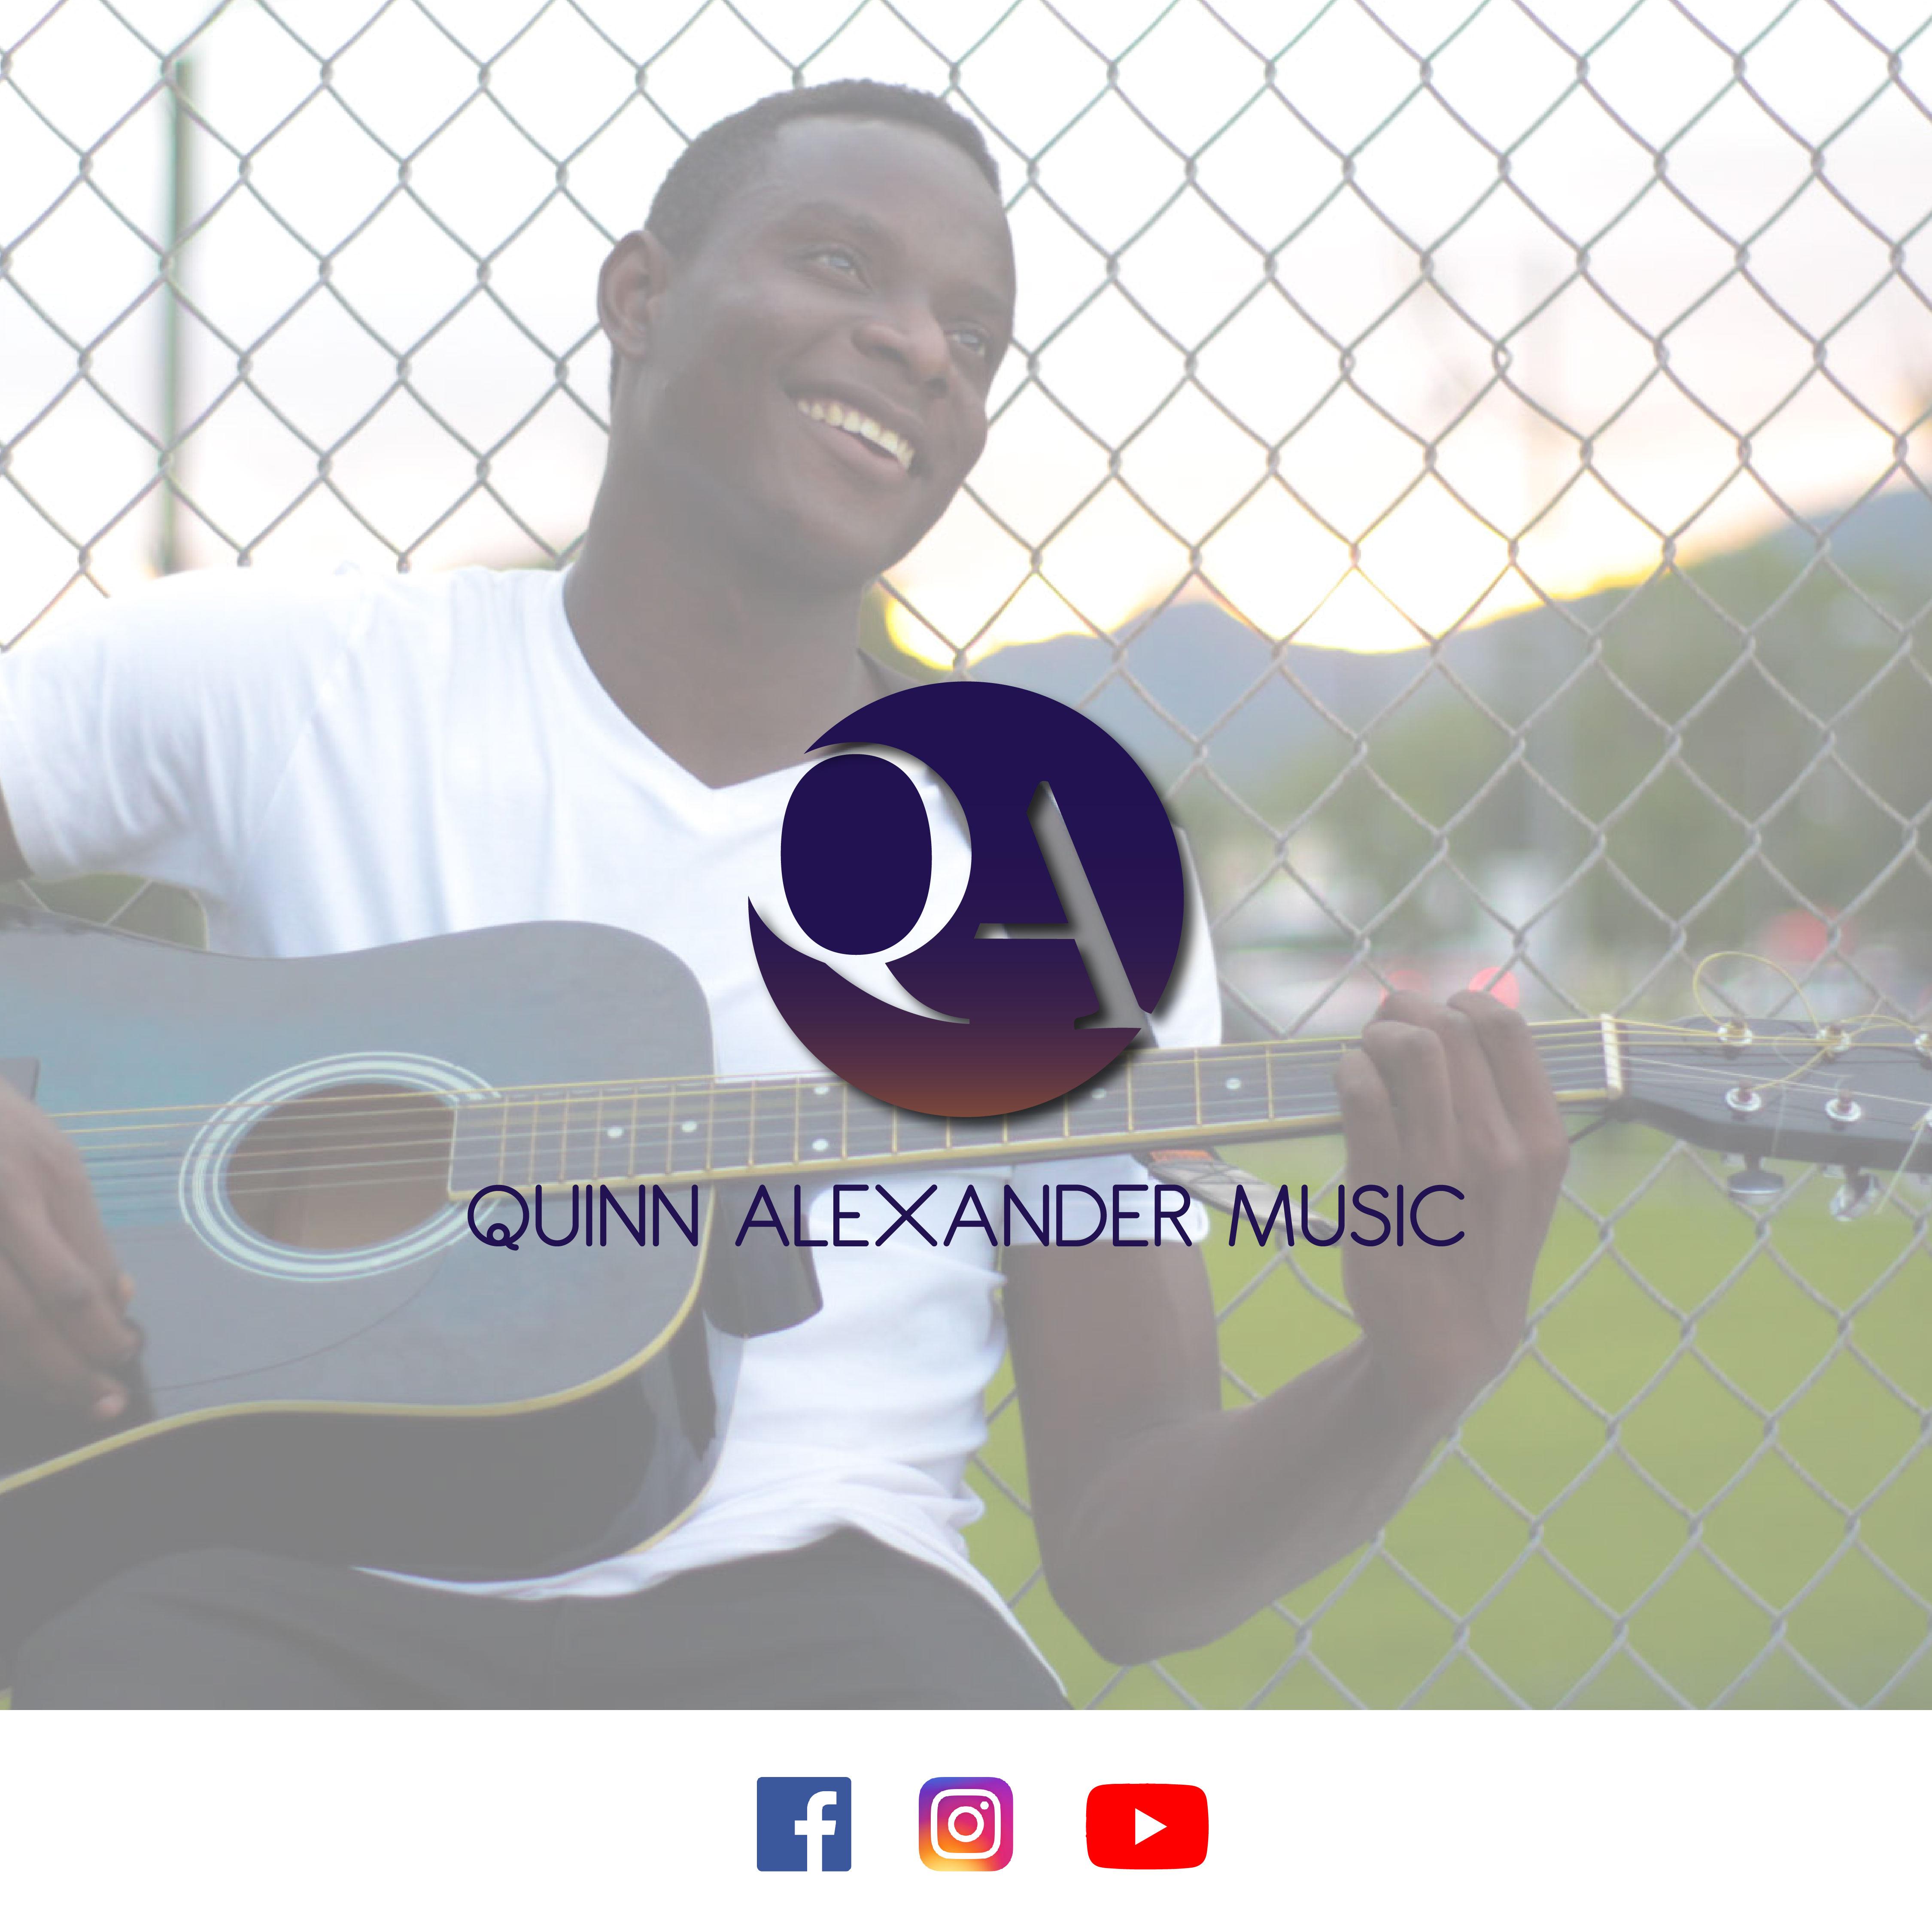 Quinn Alexander Music